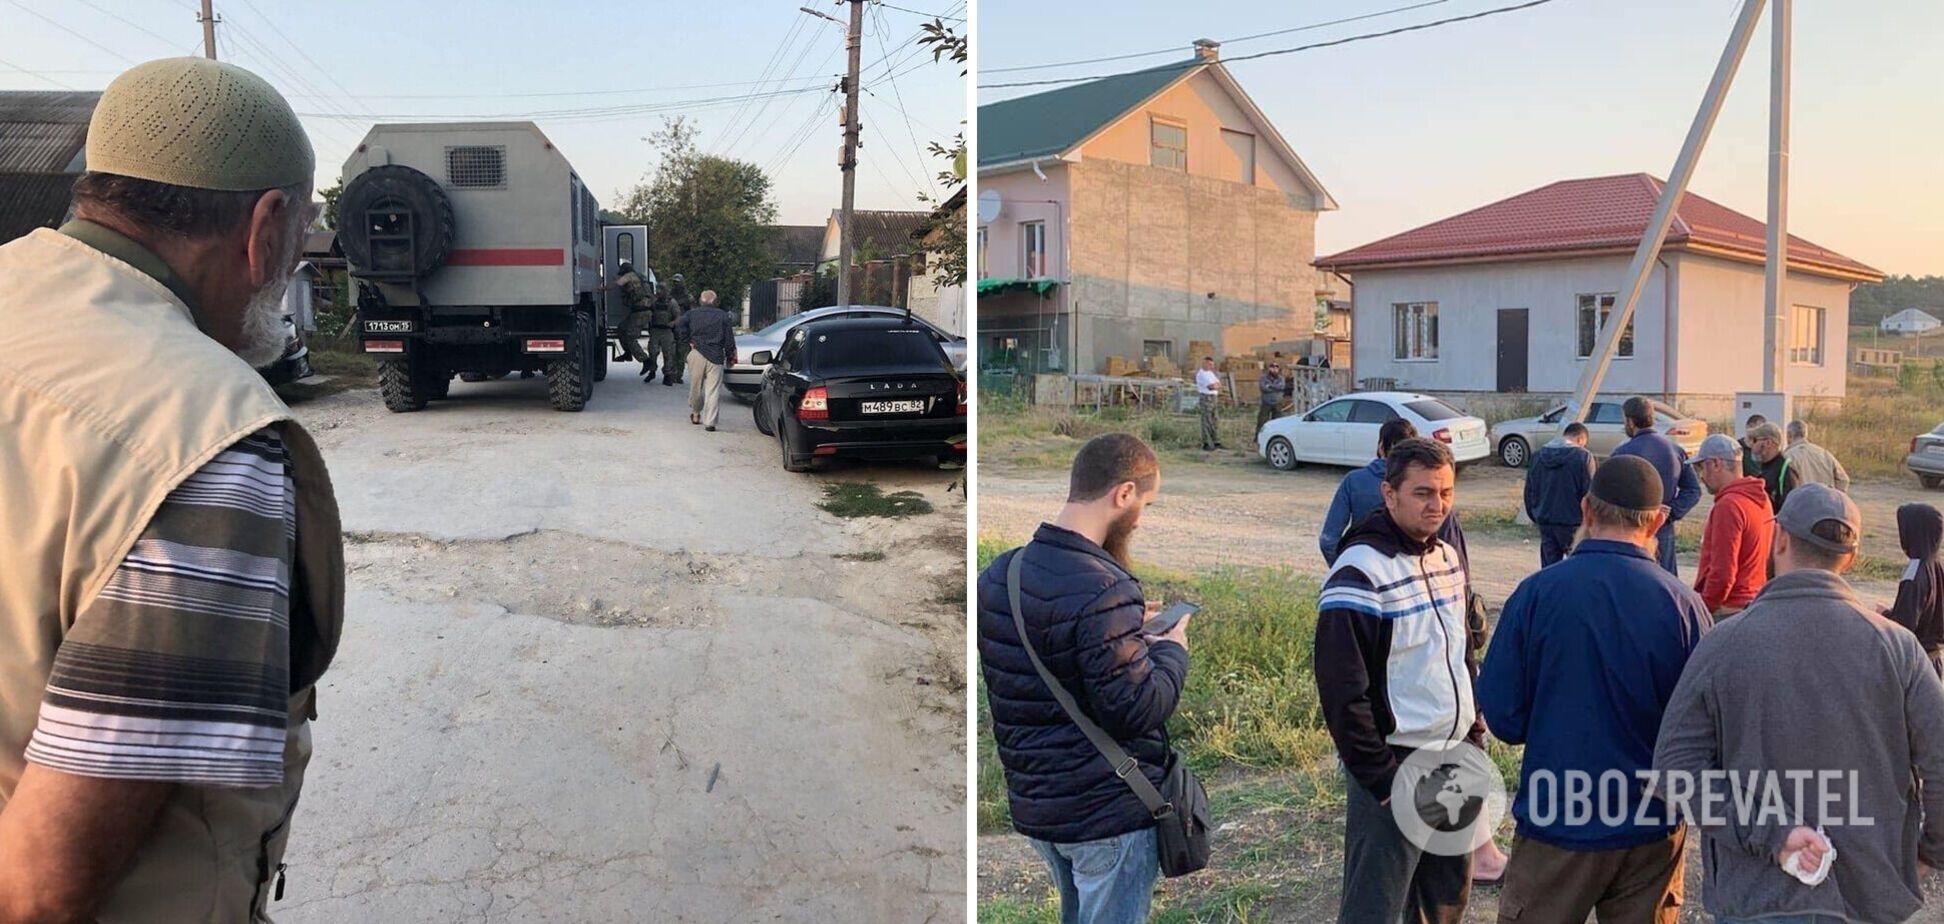 В Крыму устроили обыски в домах крымских татар: Зеленский призвал прекратить преследования